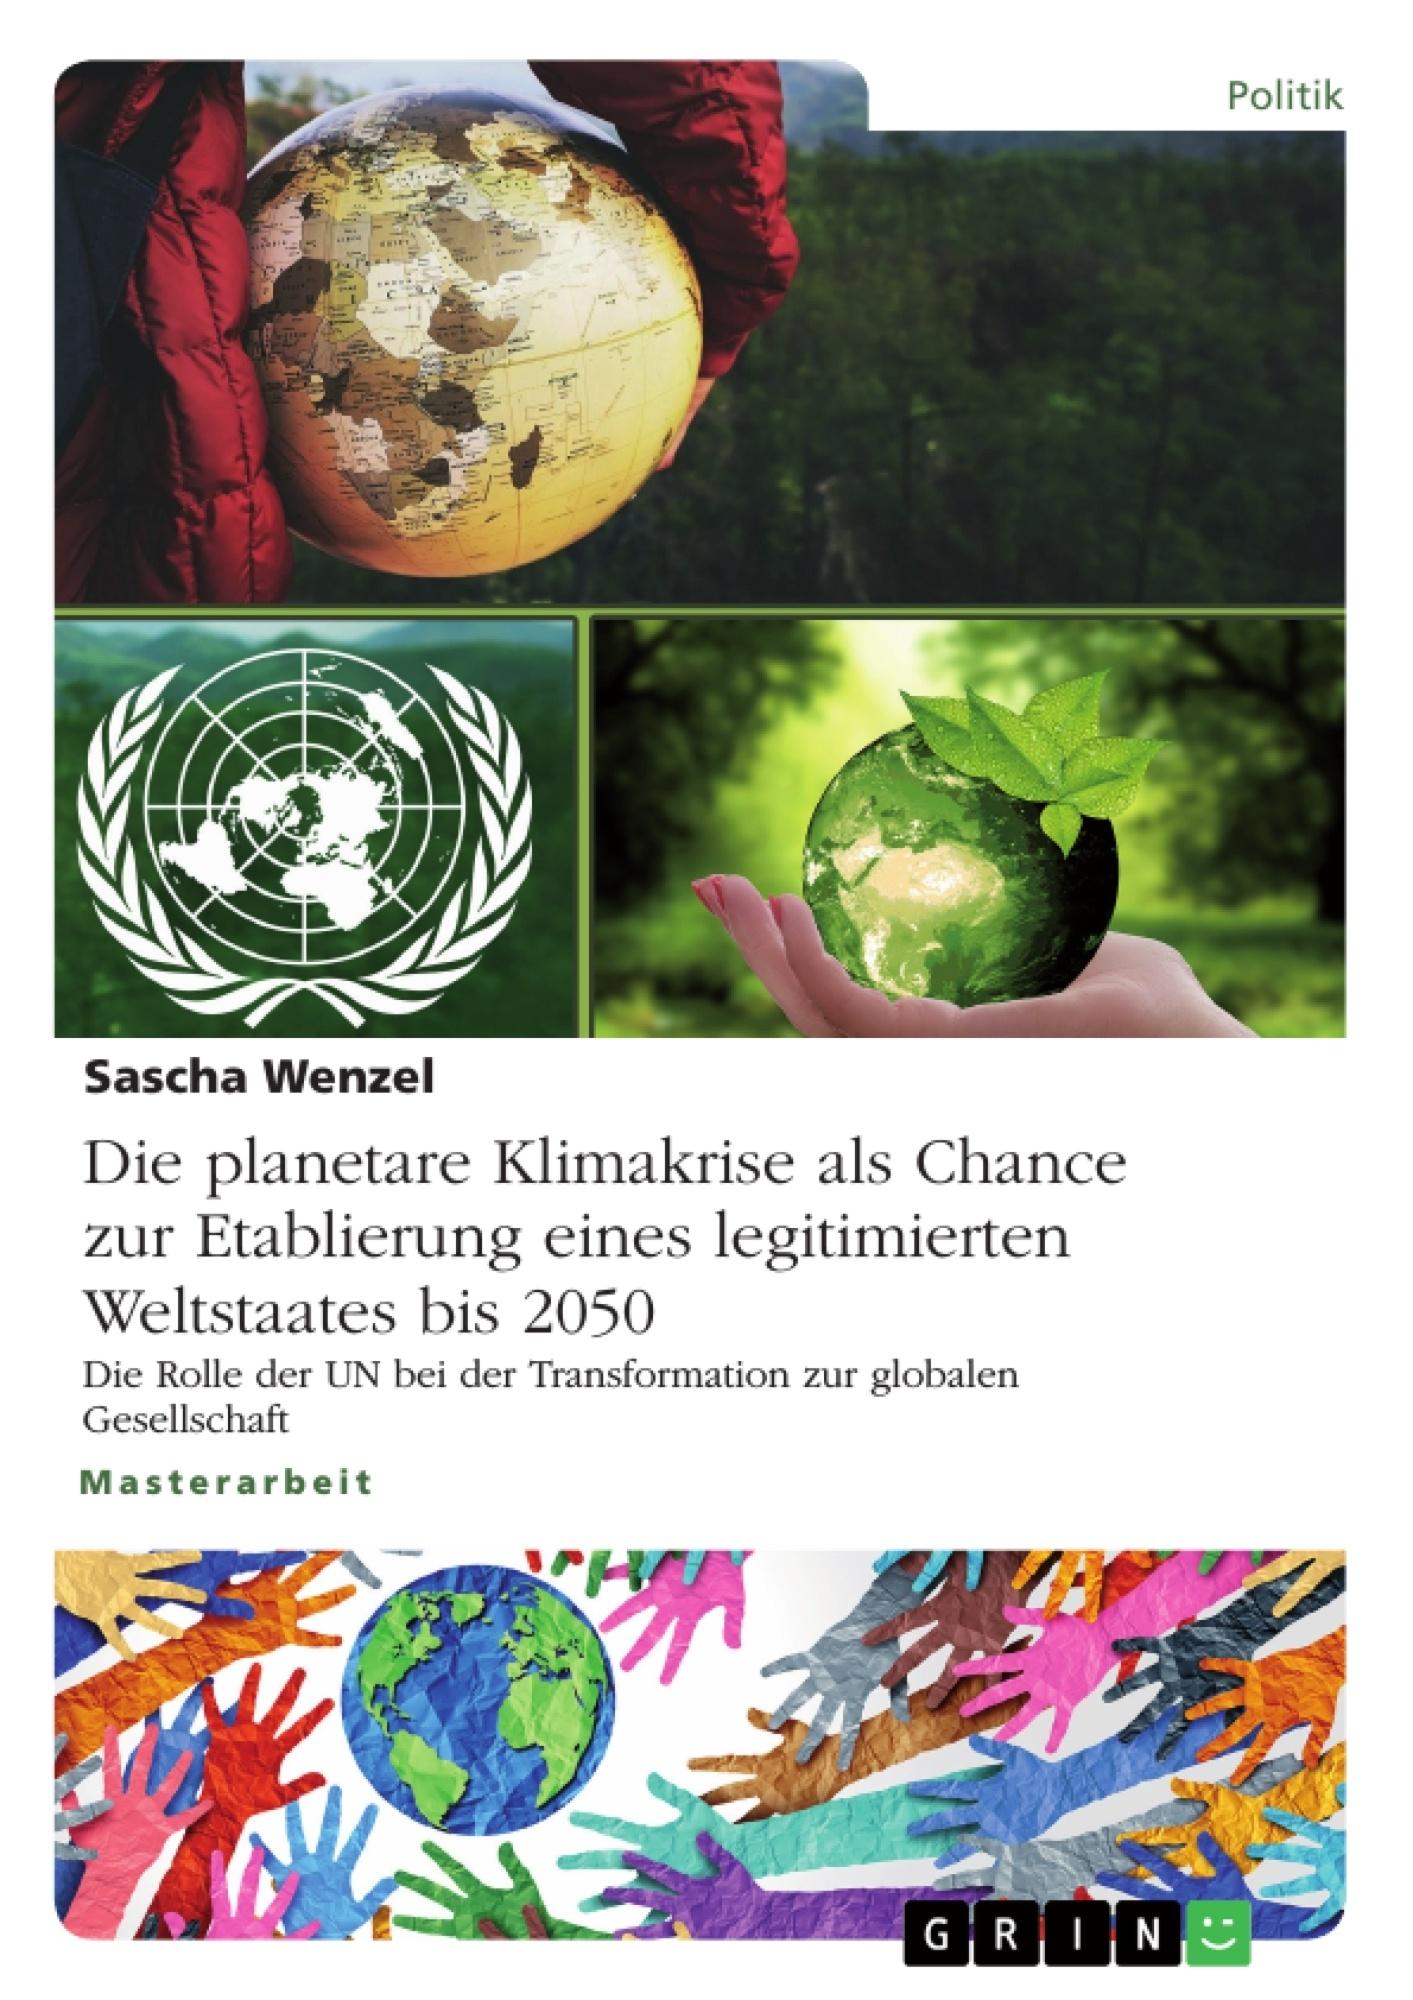 Titel: Die planetare Klimakrise als Chance zur Etablierung eines legitimierten Weltstaates bis 2050